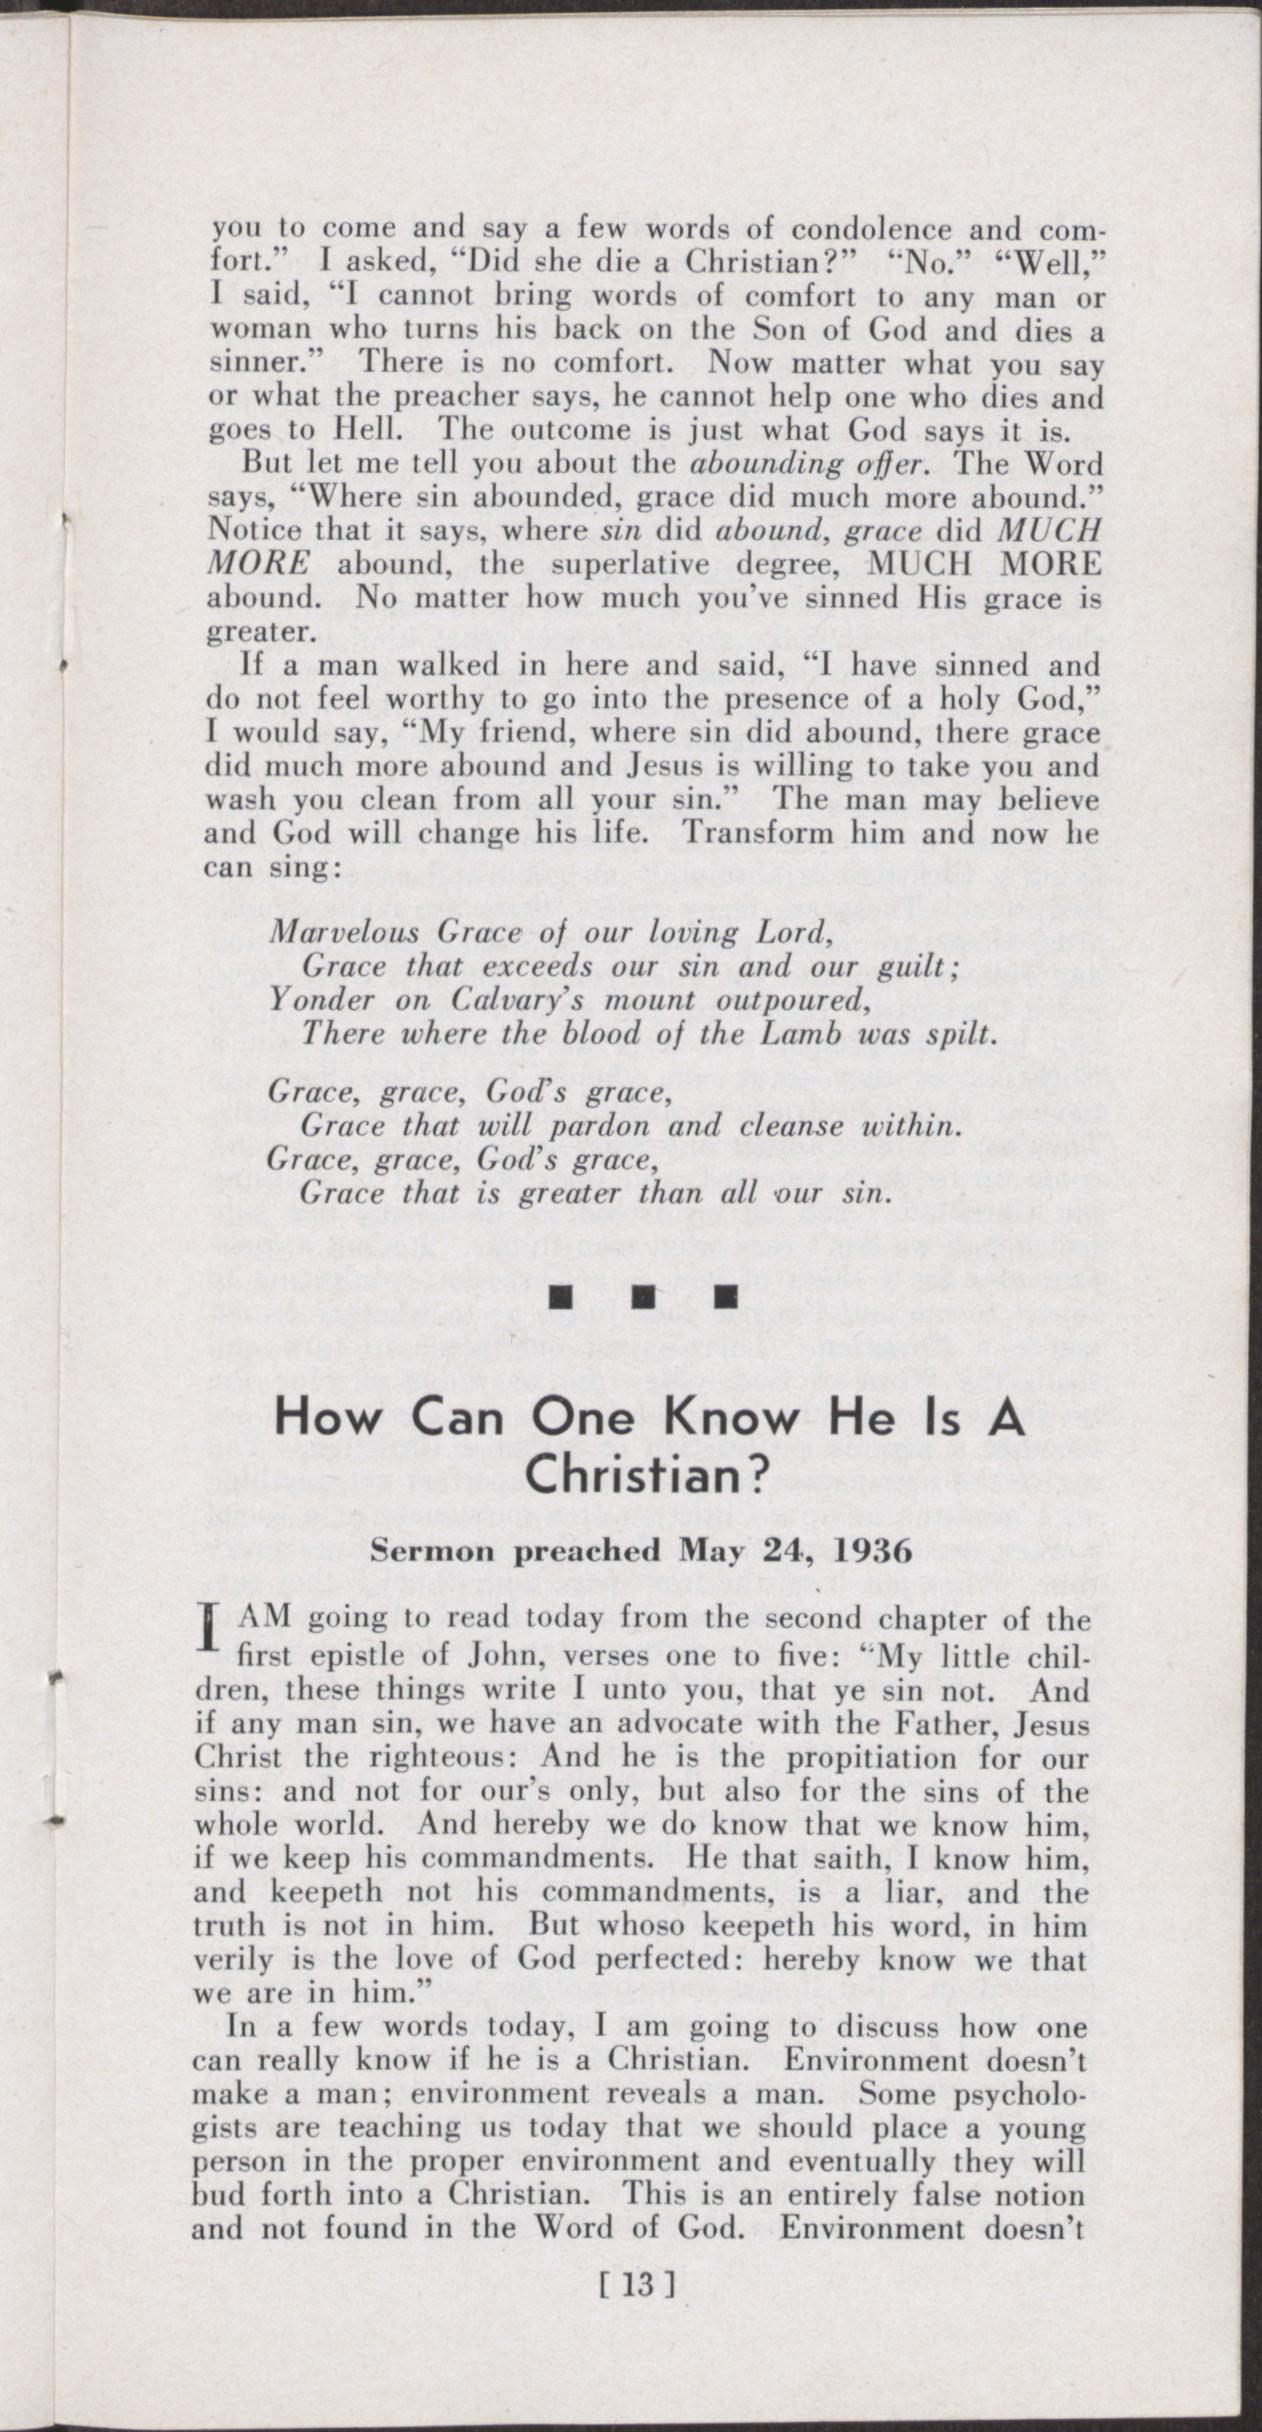 sermons193605-(13)